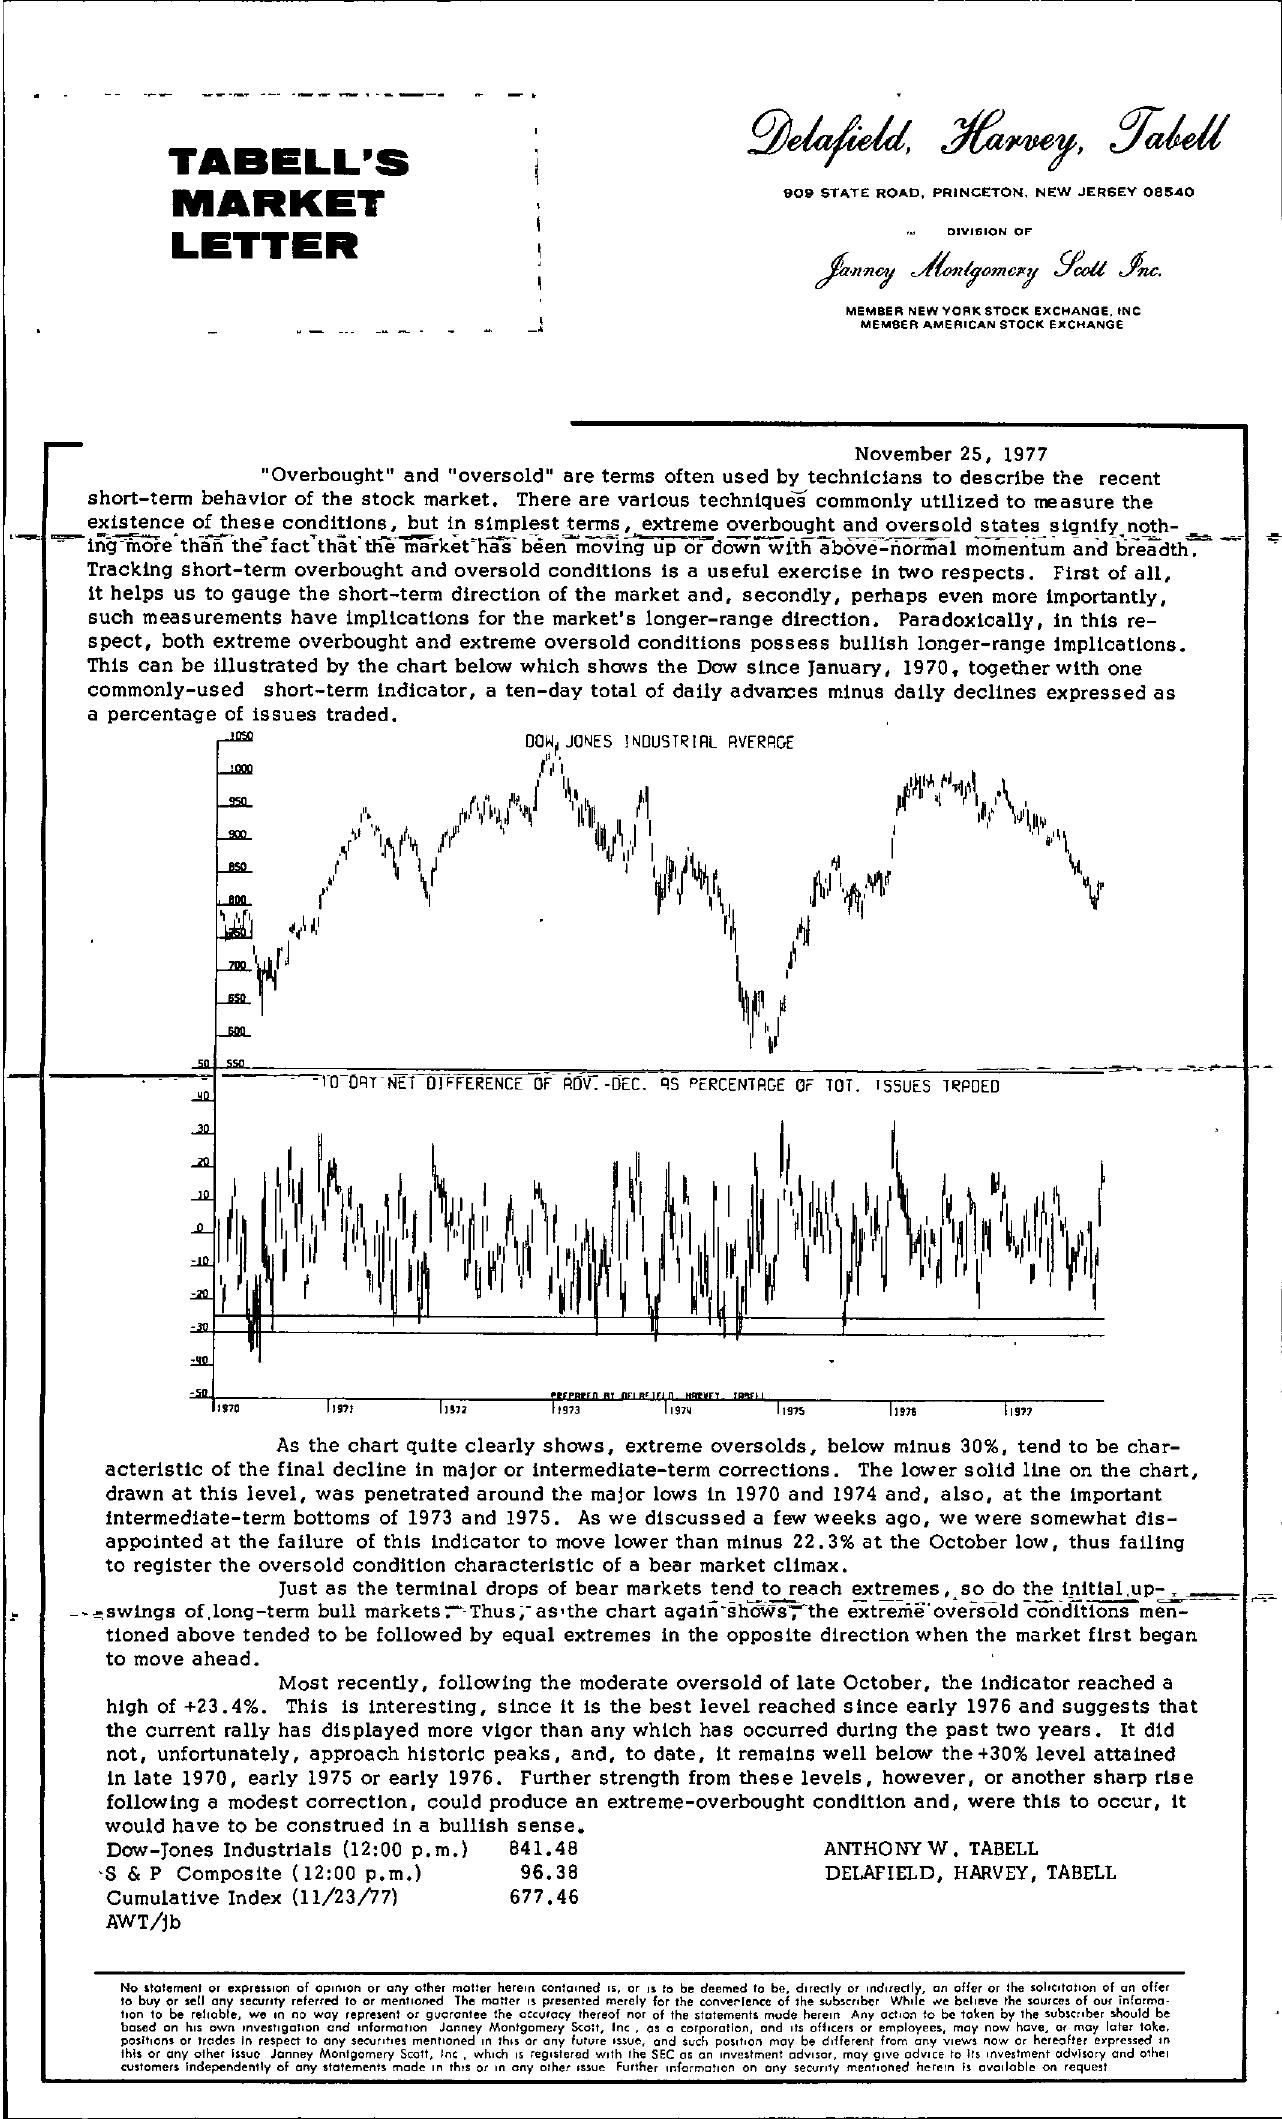 Tabell's Market Letter - November 25, 1977